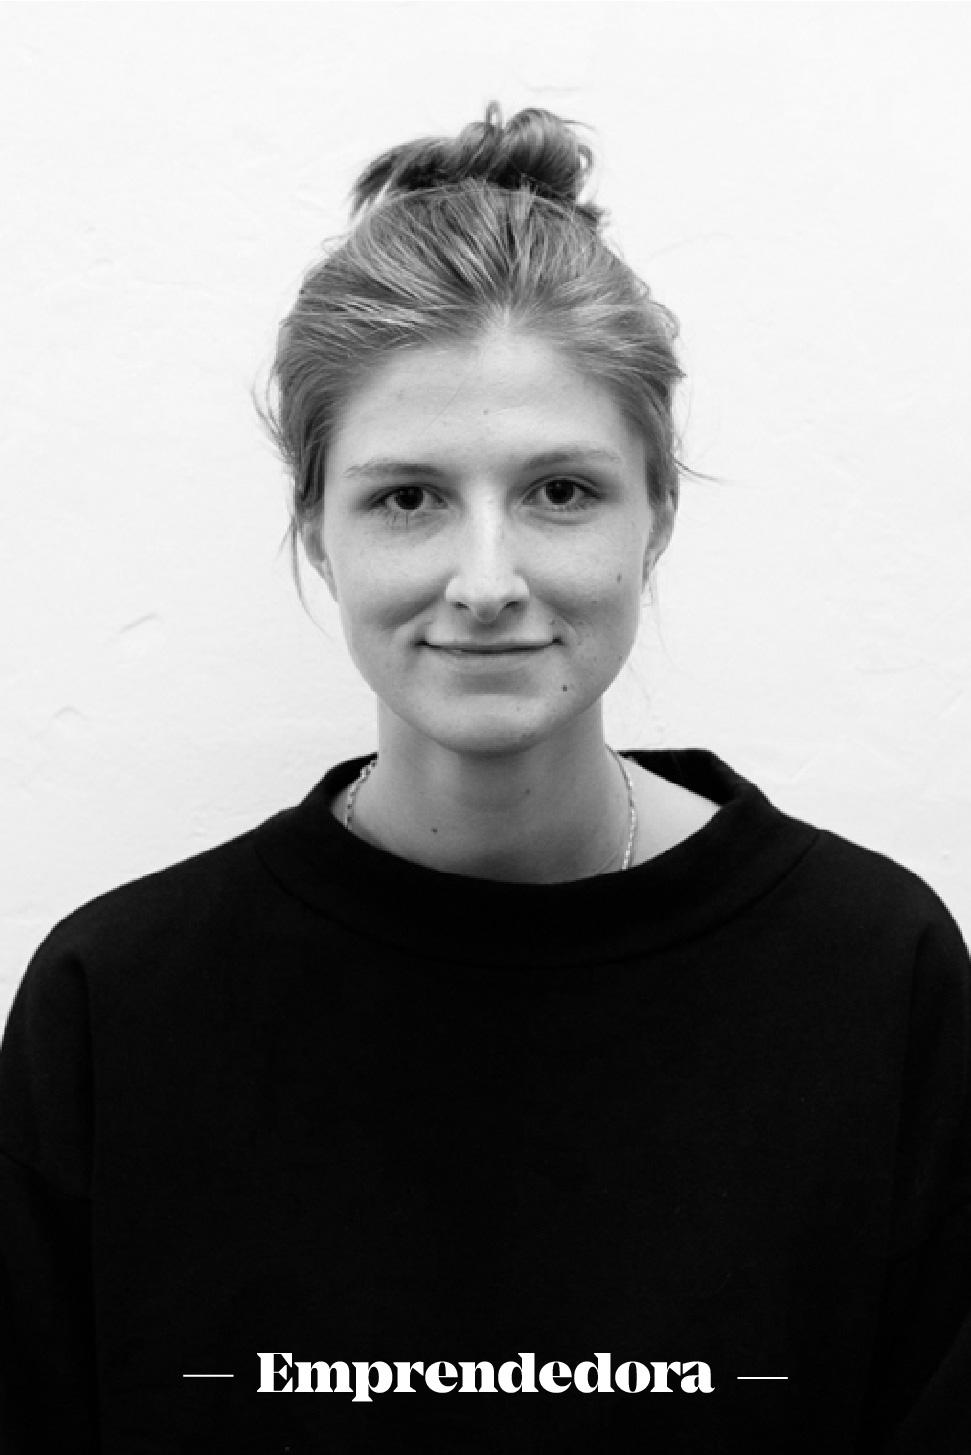 Tine Schorn (emprendedora)  - Socia colaboradora. Lleva más de 4 años en el mundo de los start-ups y de la economía colaborativa.